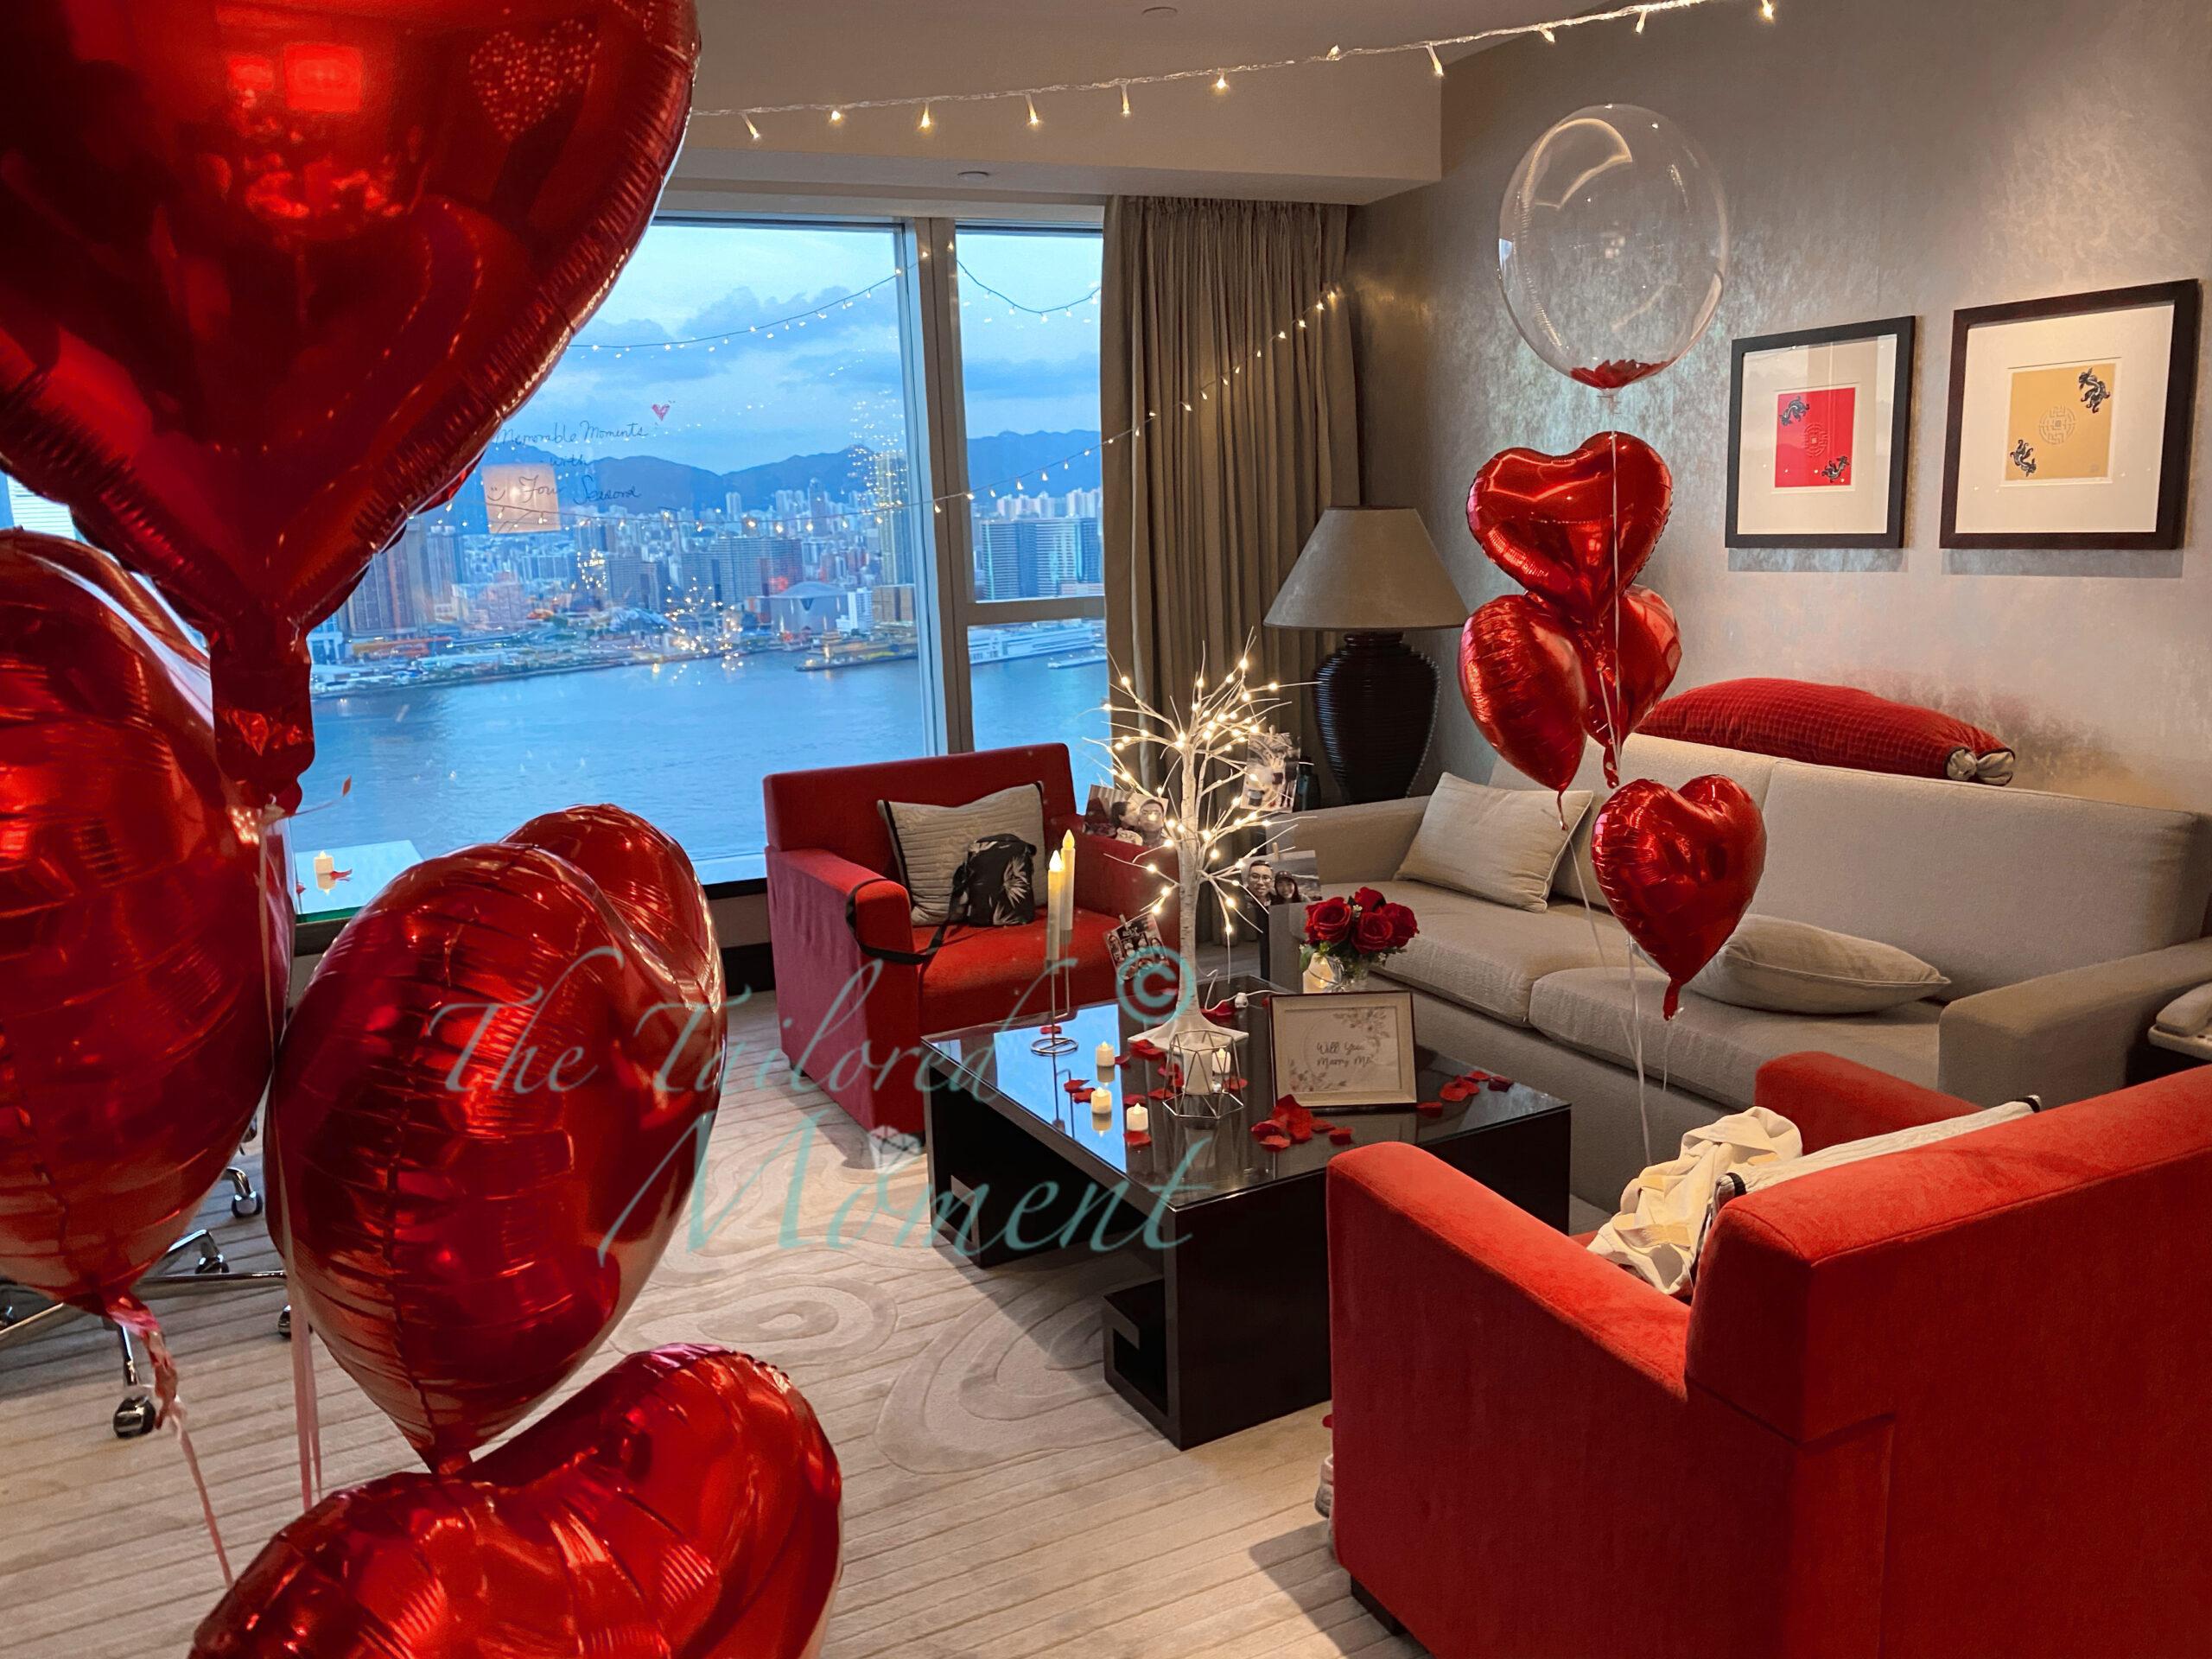 Hong Kong 5 Stars Hotel Proposal